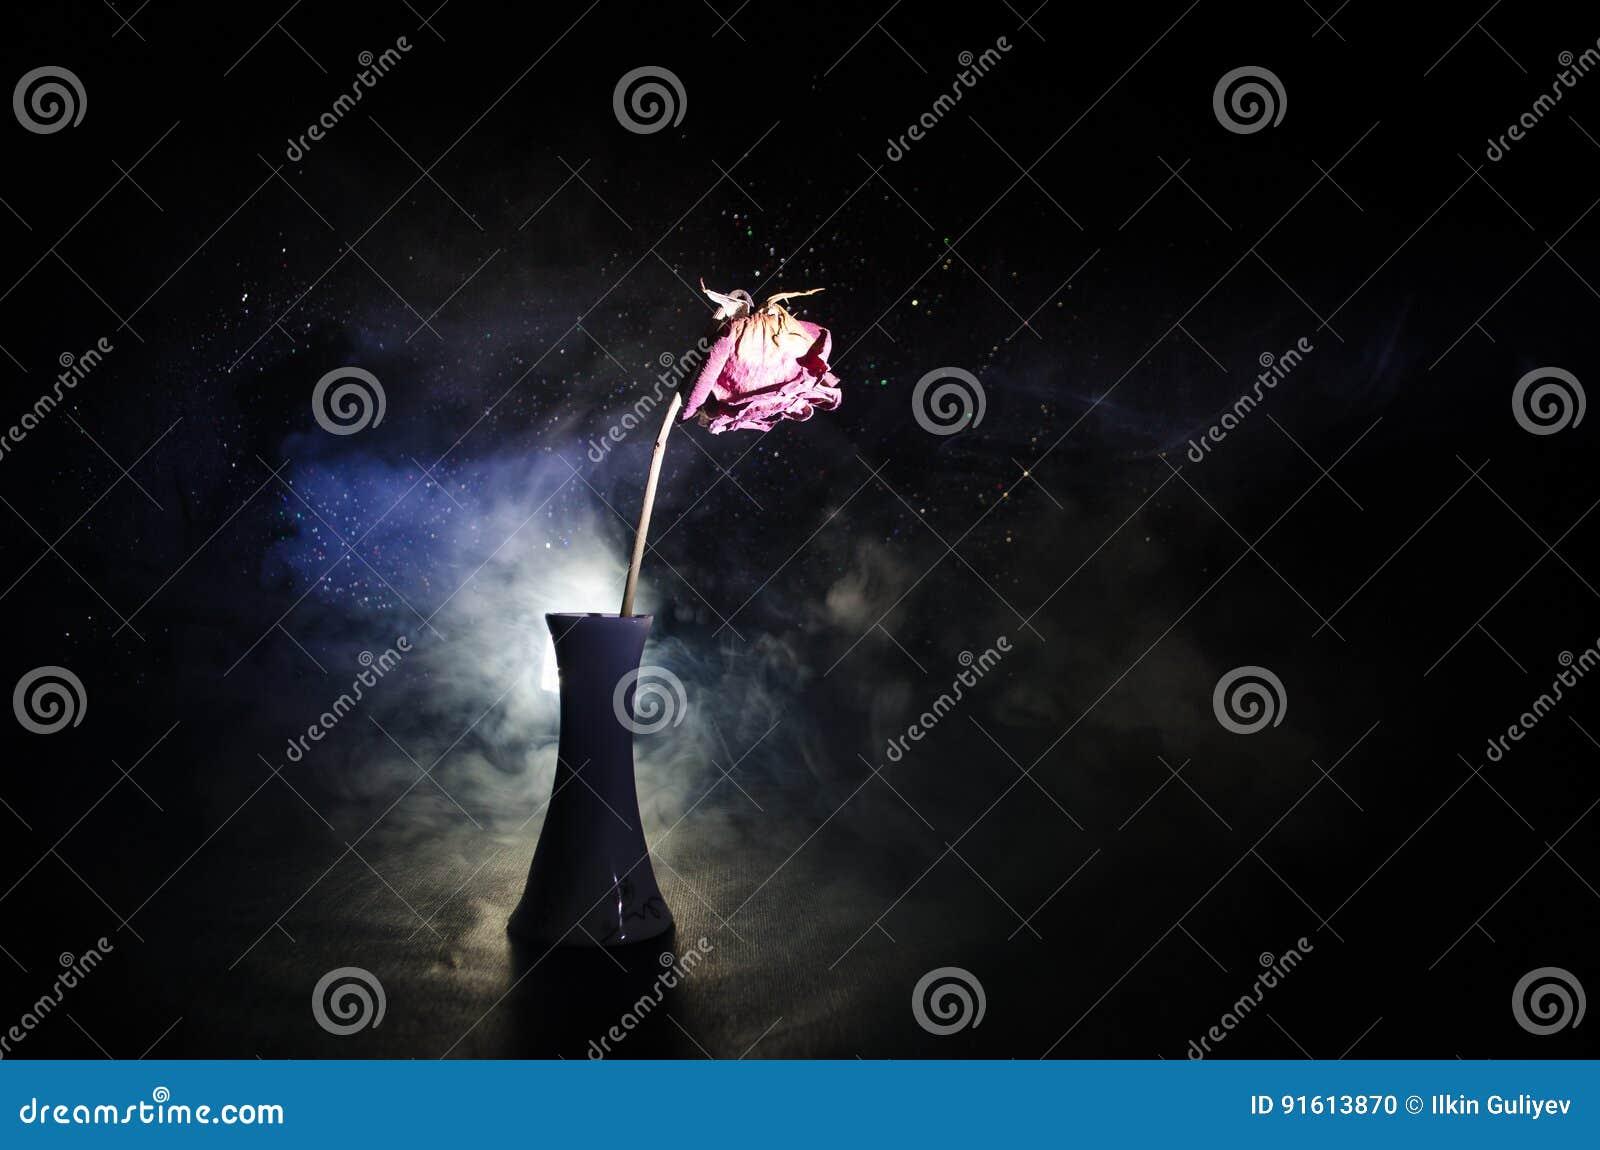 一朵枯萎的玫瑰符号化失去的爱,离婚,或者一个坏关系,死者在黑暗的背景上升了